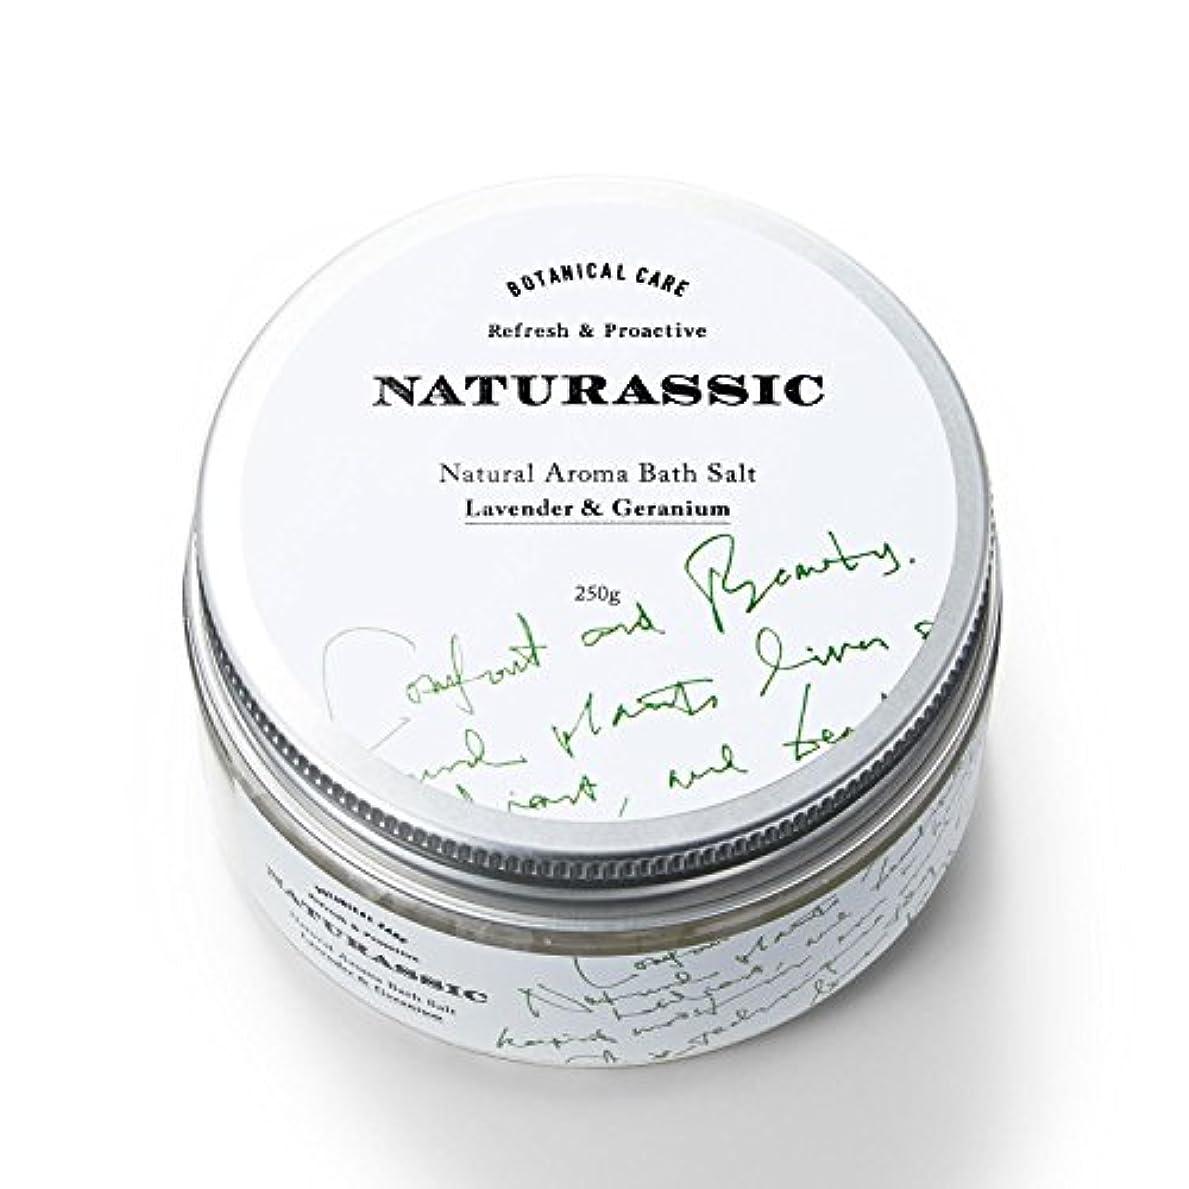 印をつける訪問記者ナチュラシック ナチュラルアロマバスソルトLG ラベンダー&ゼラニウムの香り 250g [天然由来成分100%]